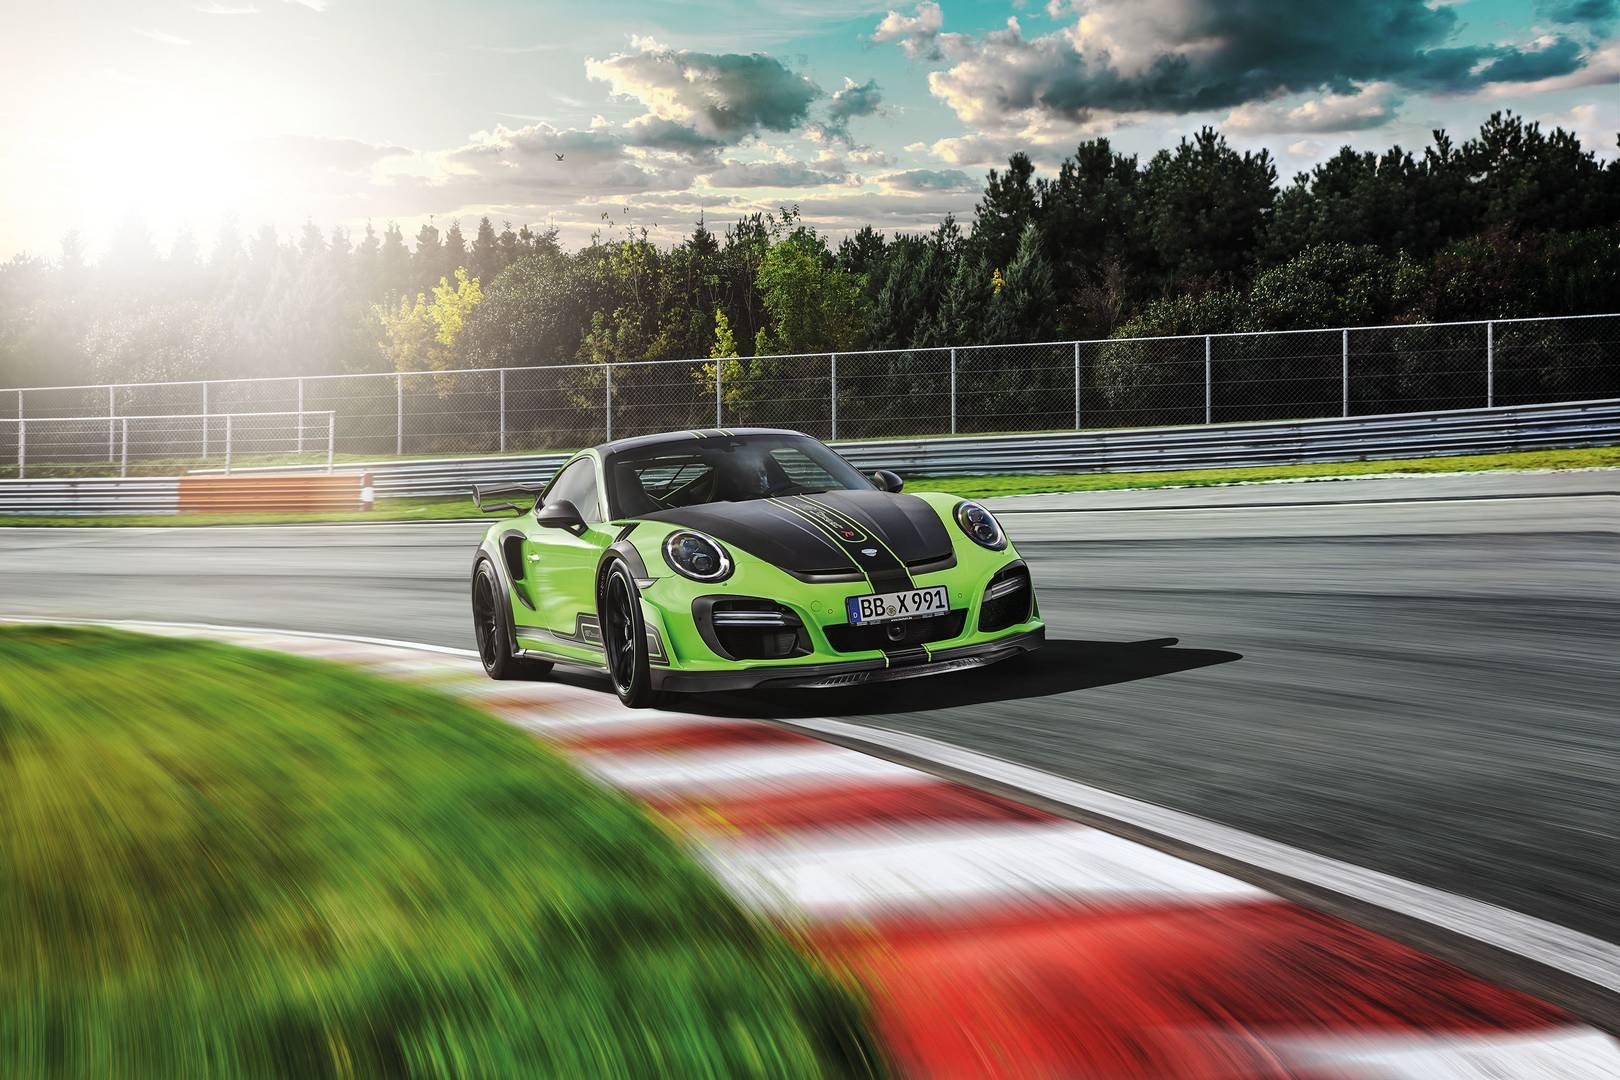 720-сильный Porsche 911 Turbo от Techart